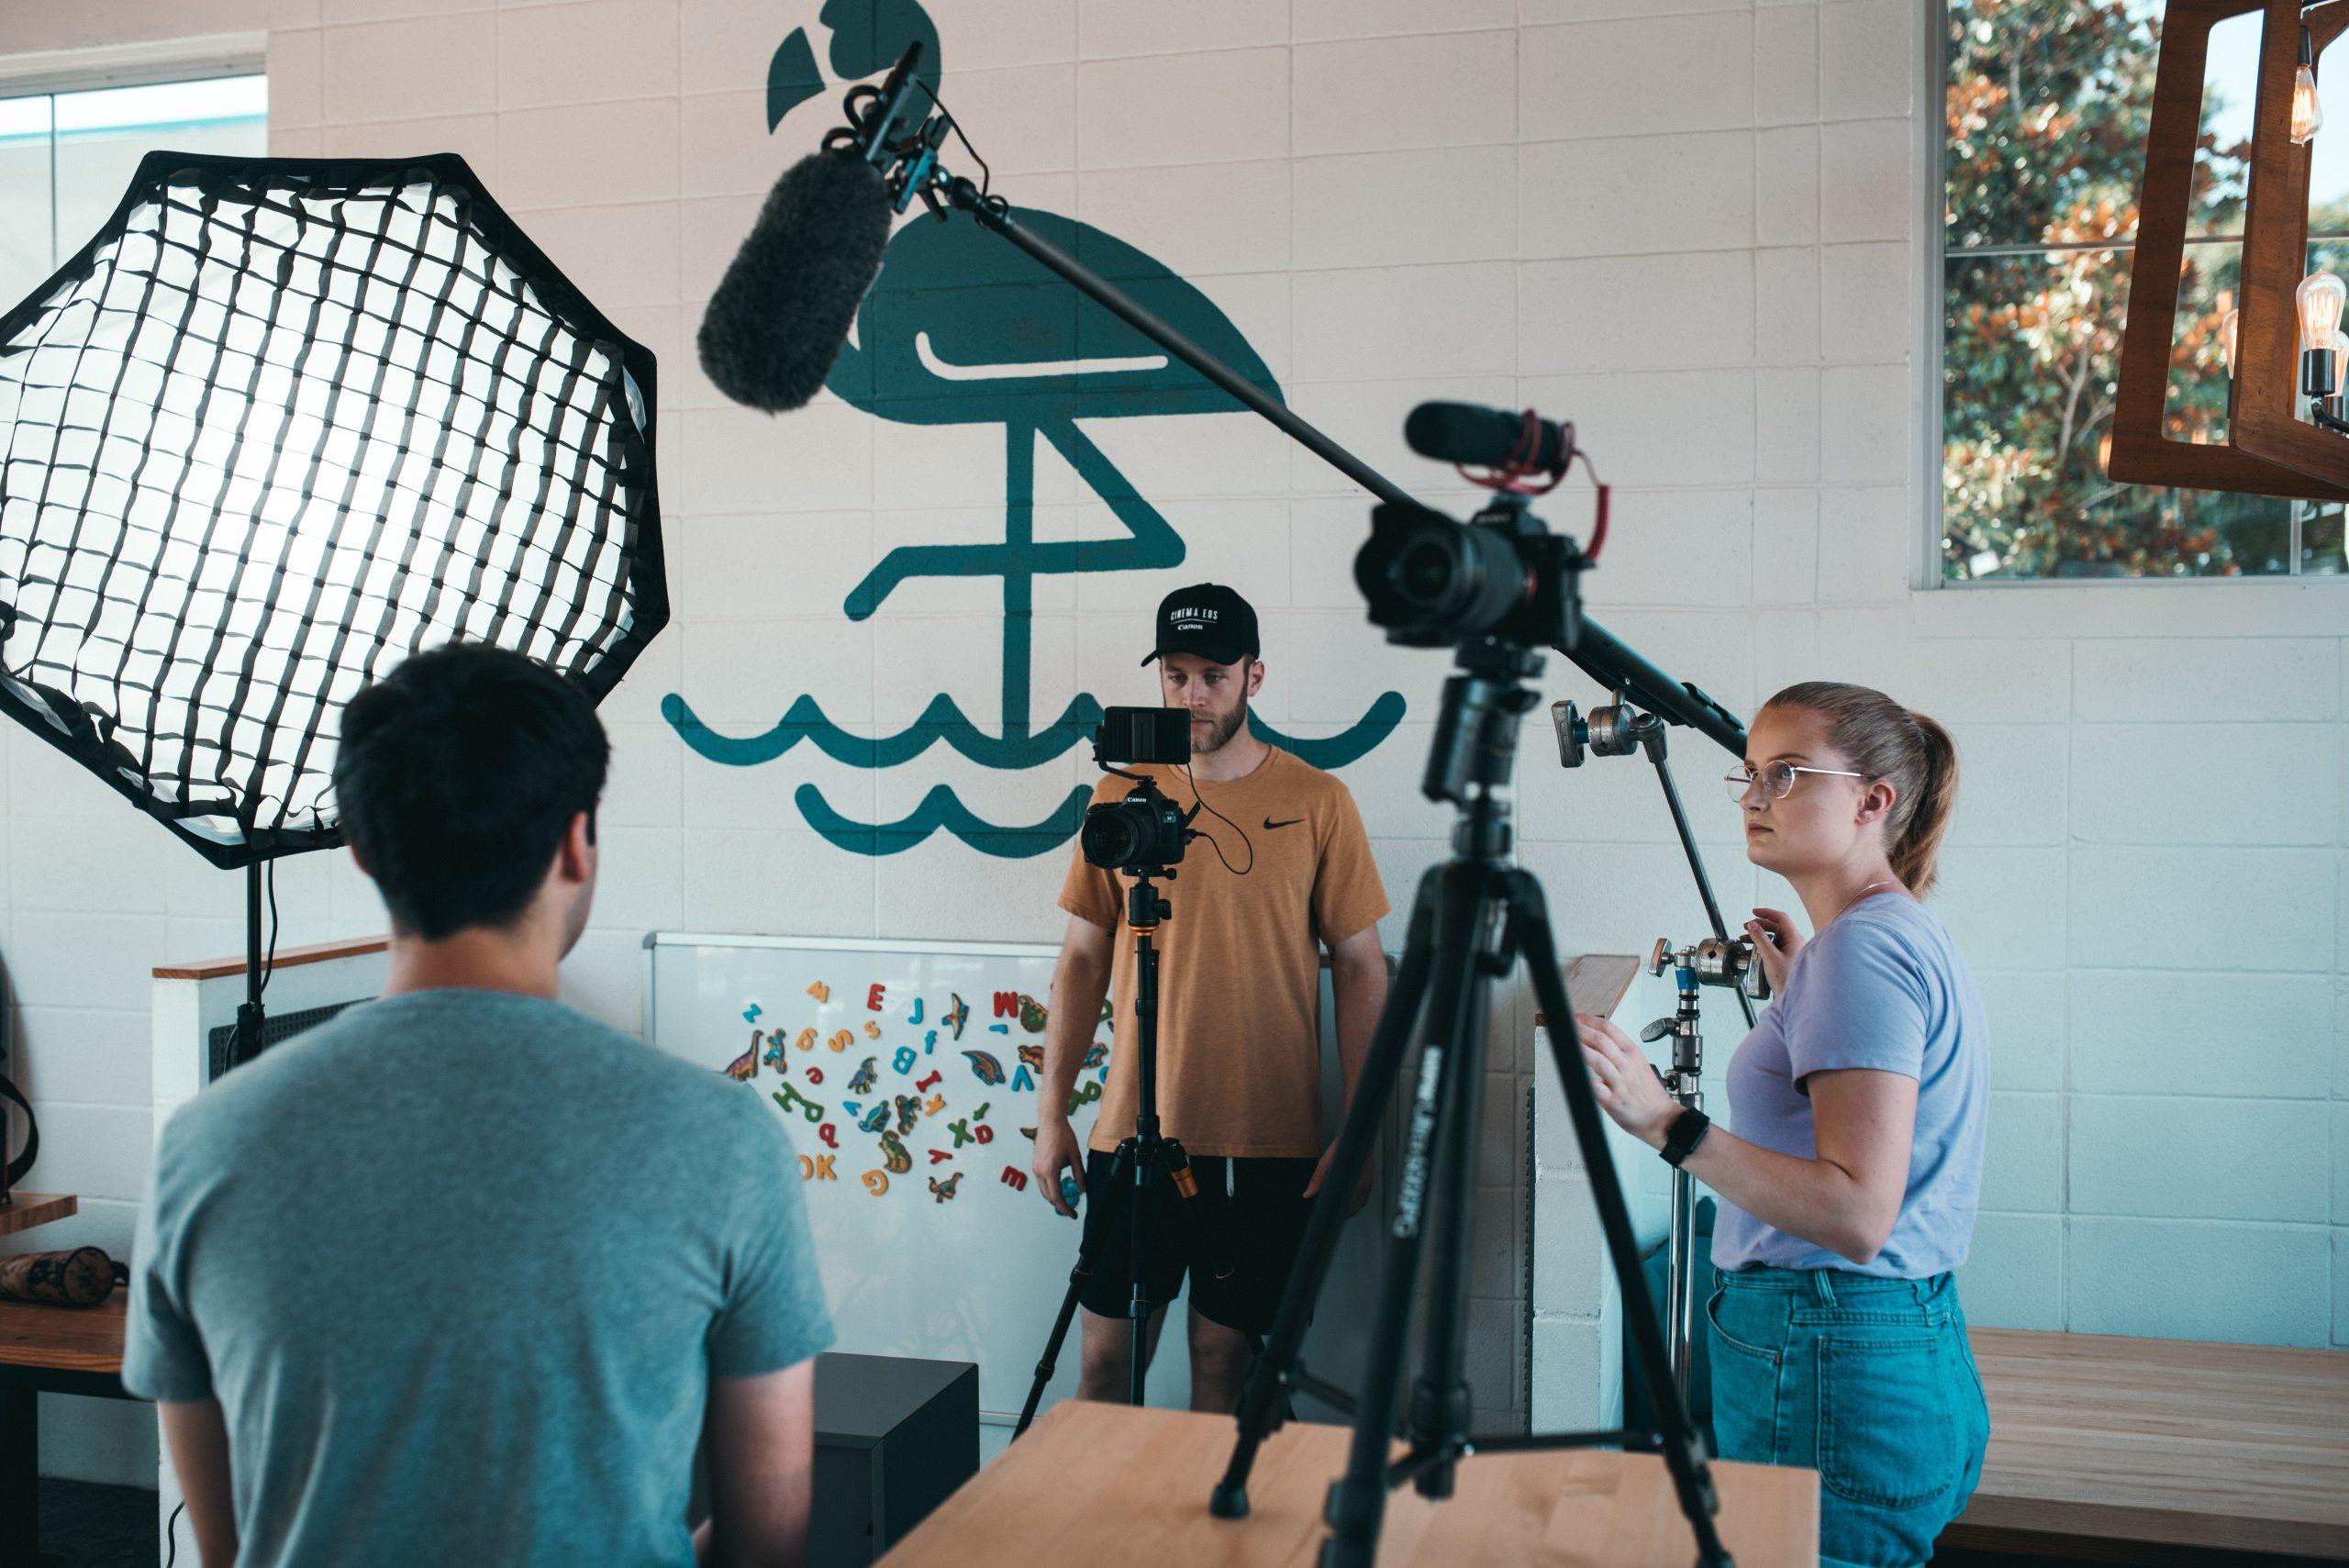 Come creare contenuti video con poco budget in 3 mosse